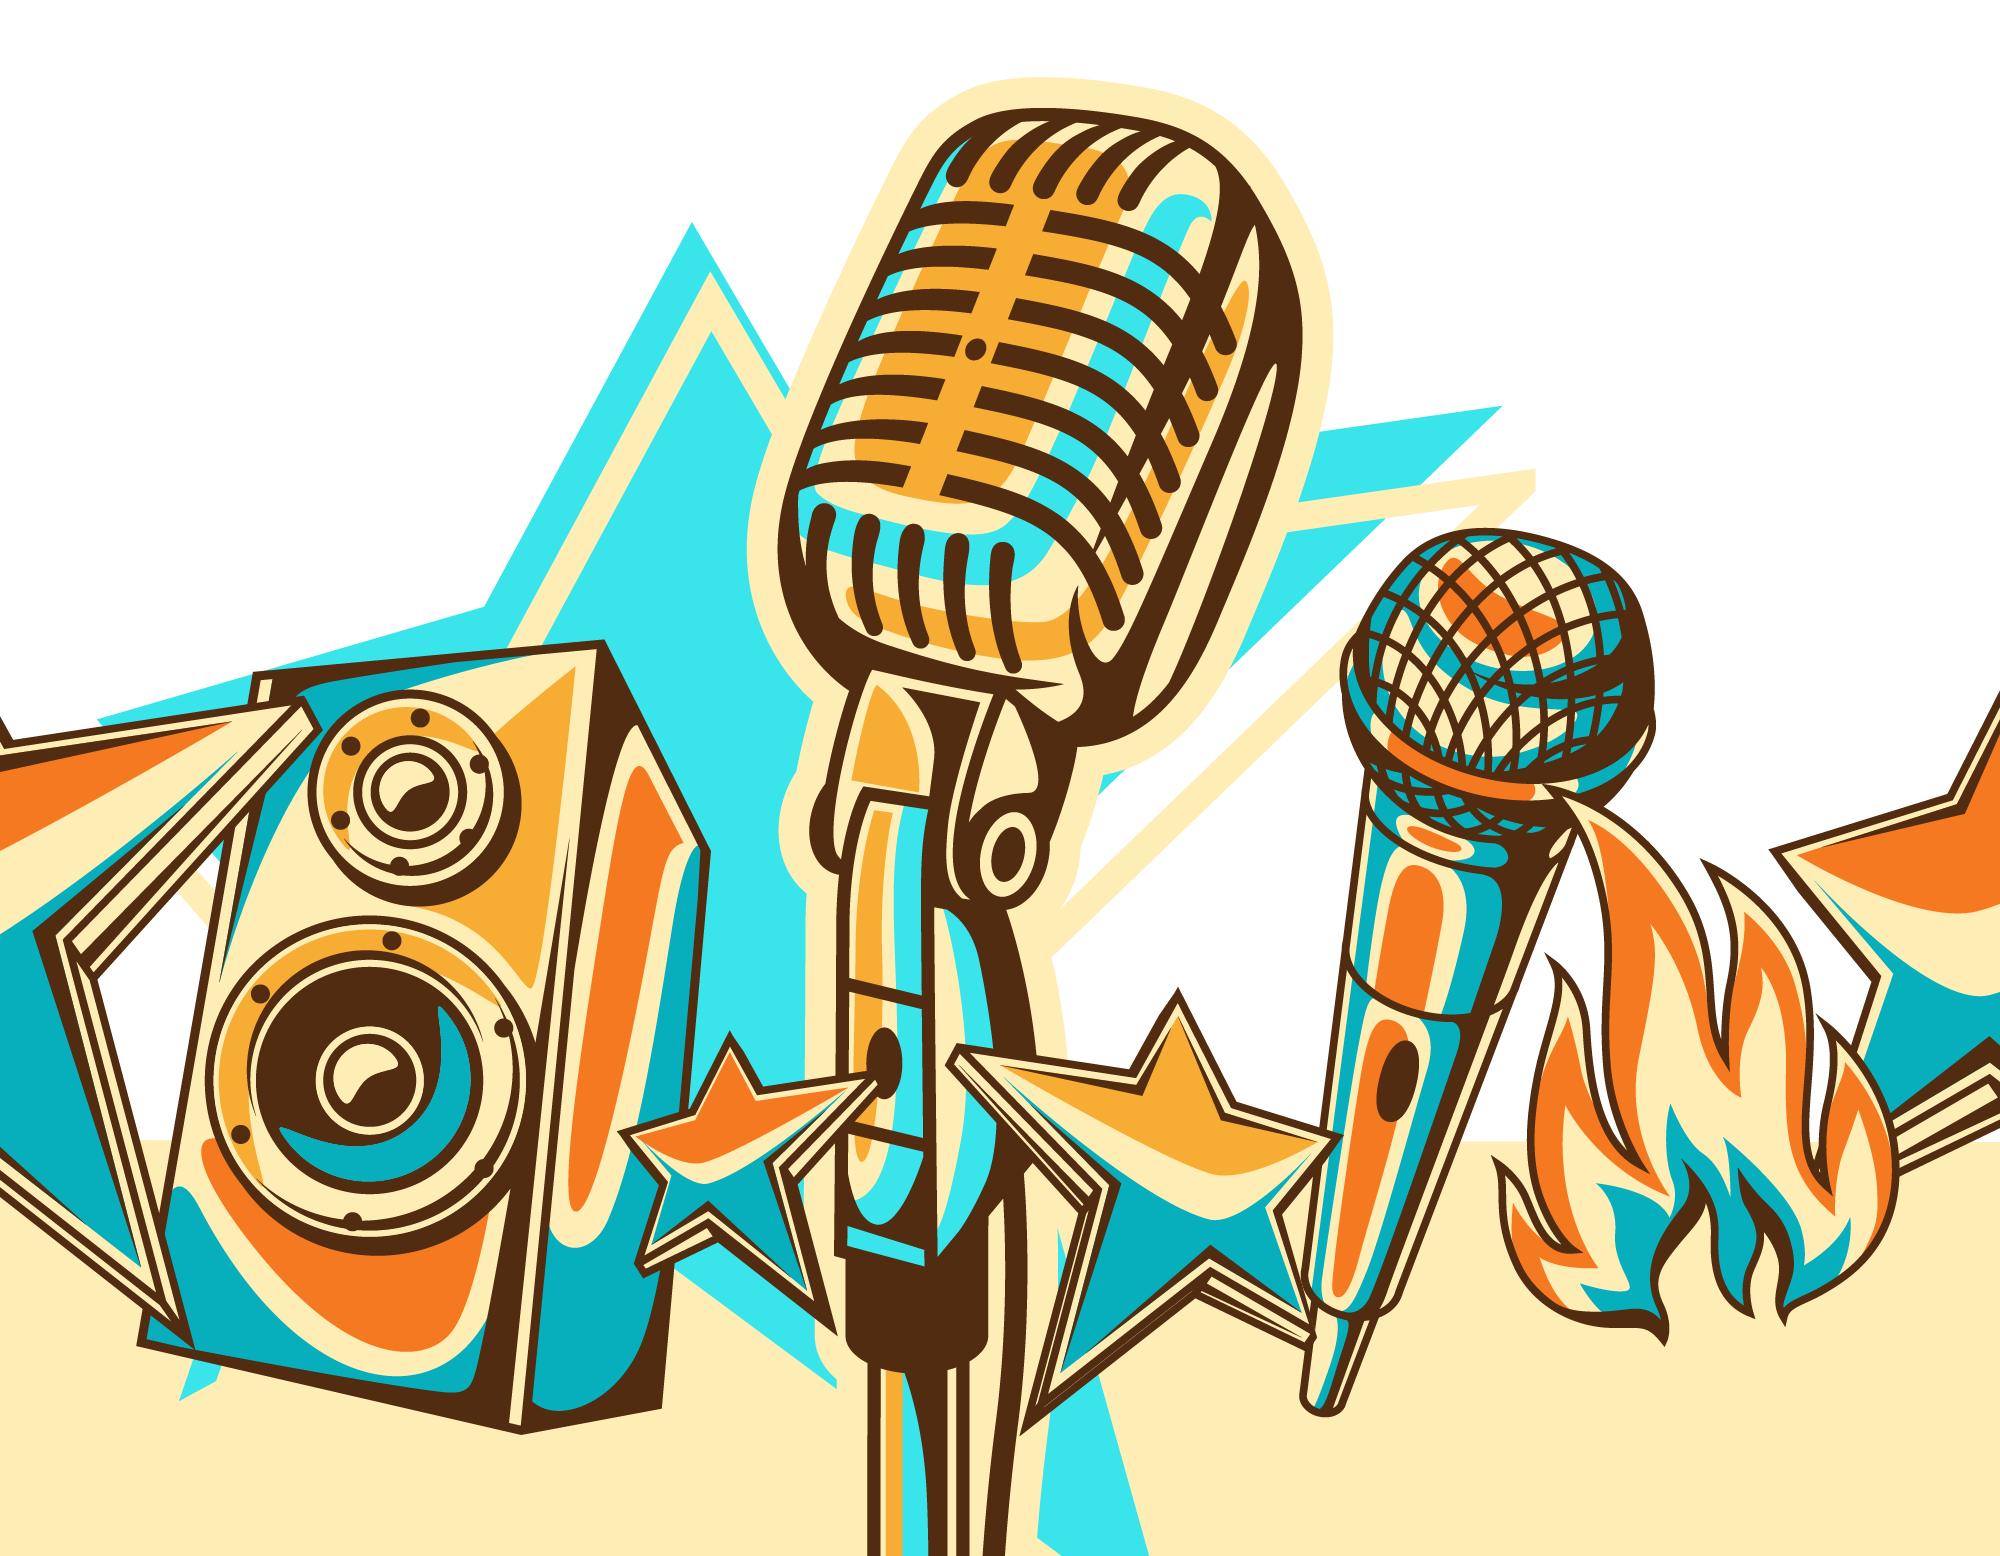 Jam artscalendar com . Poetry clipart spoken word poetry